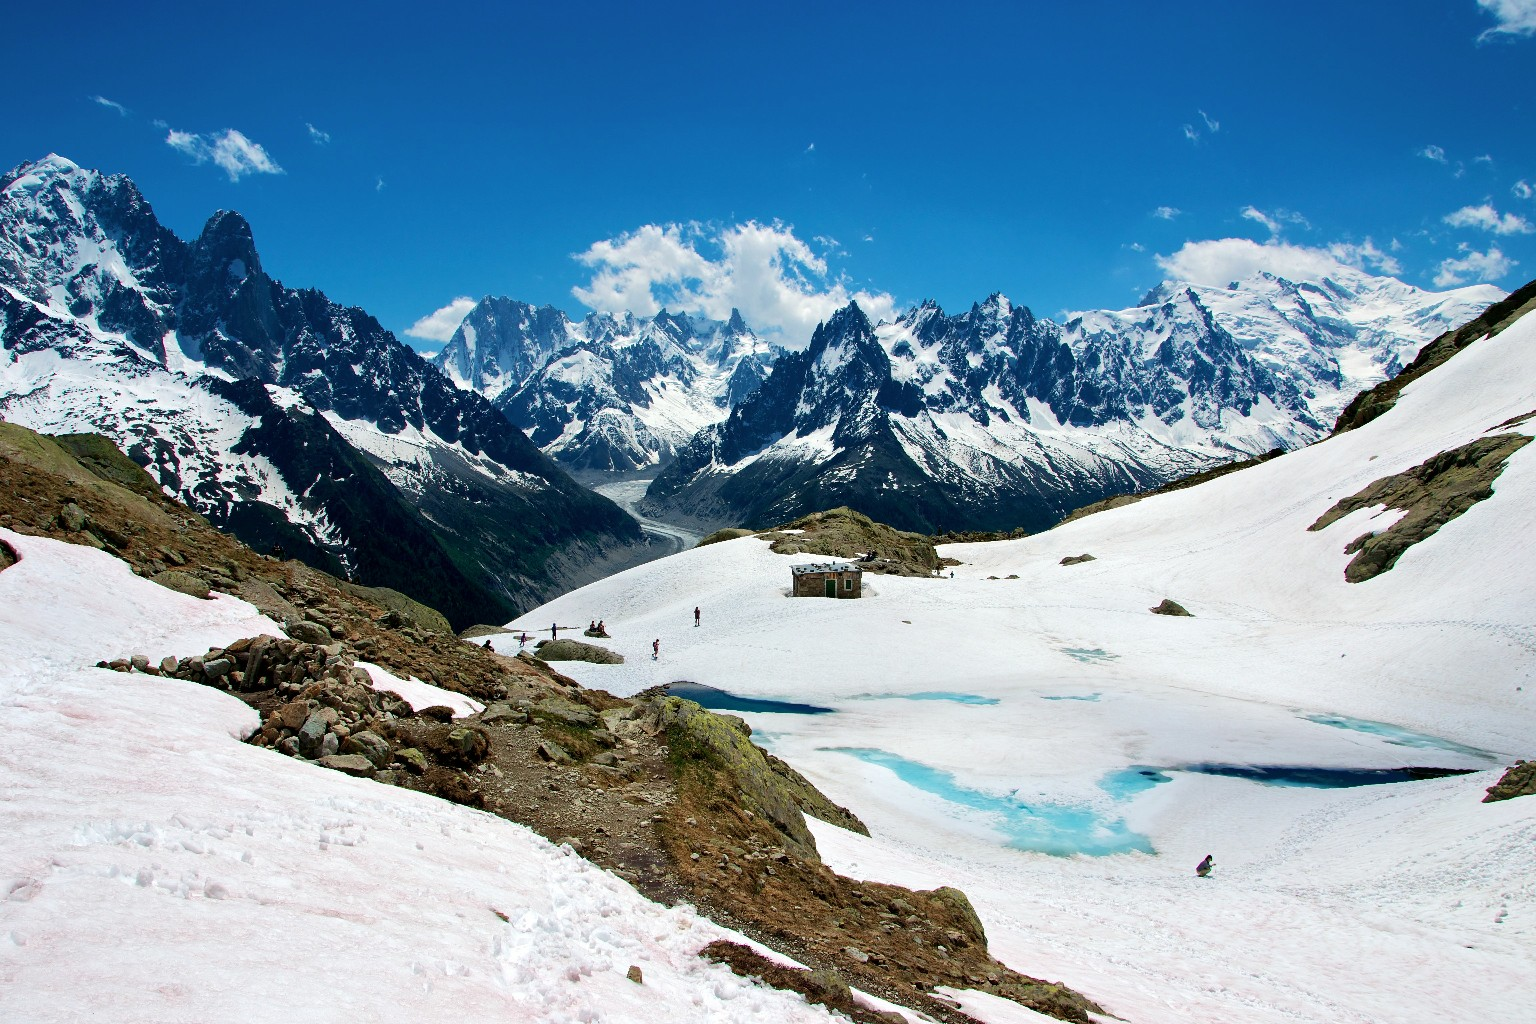 Lac Blanc : Par le col des Montets - Camptocamp.org